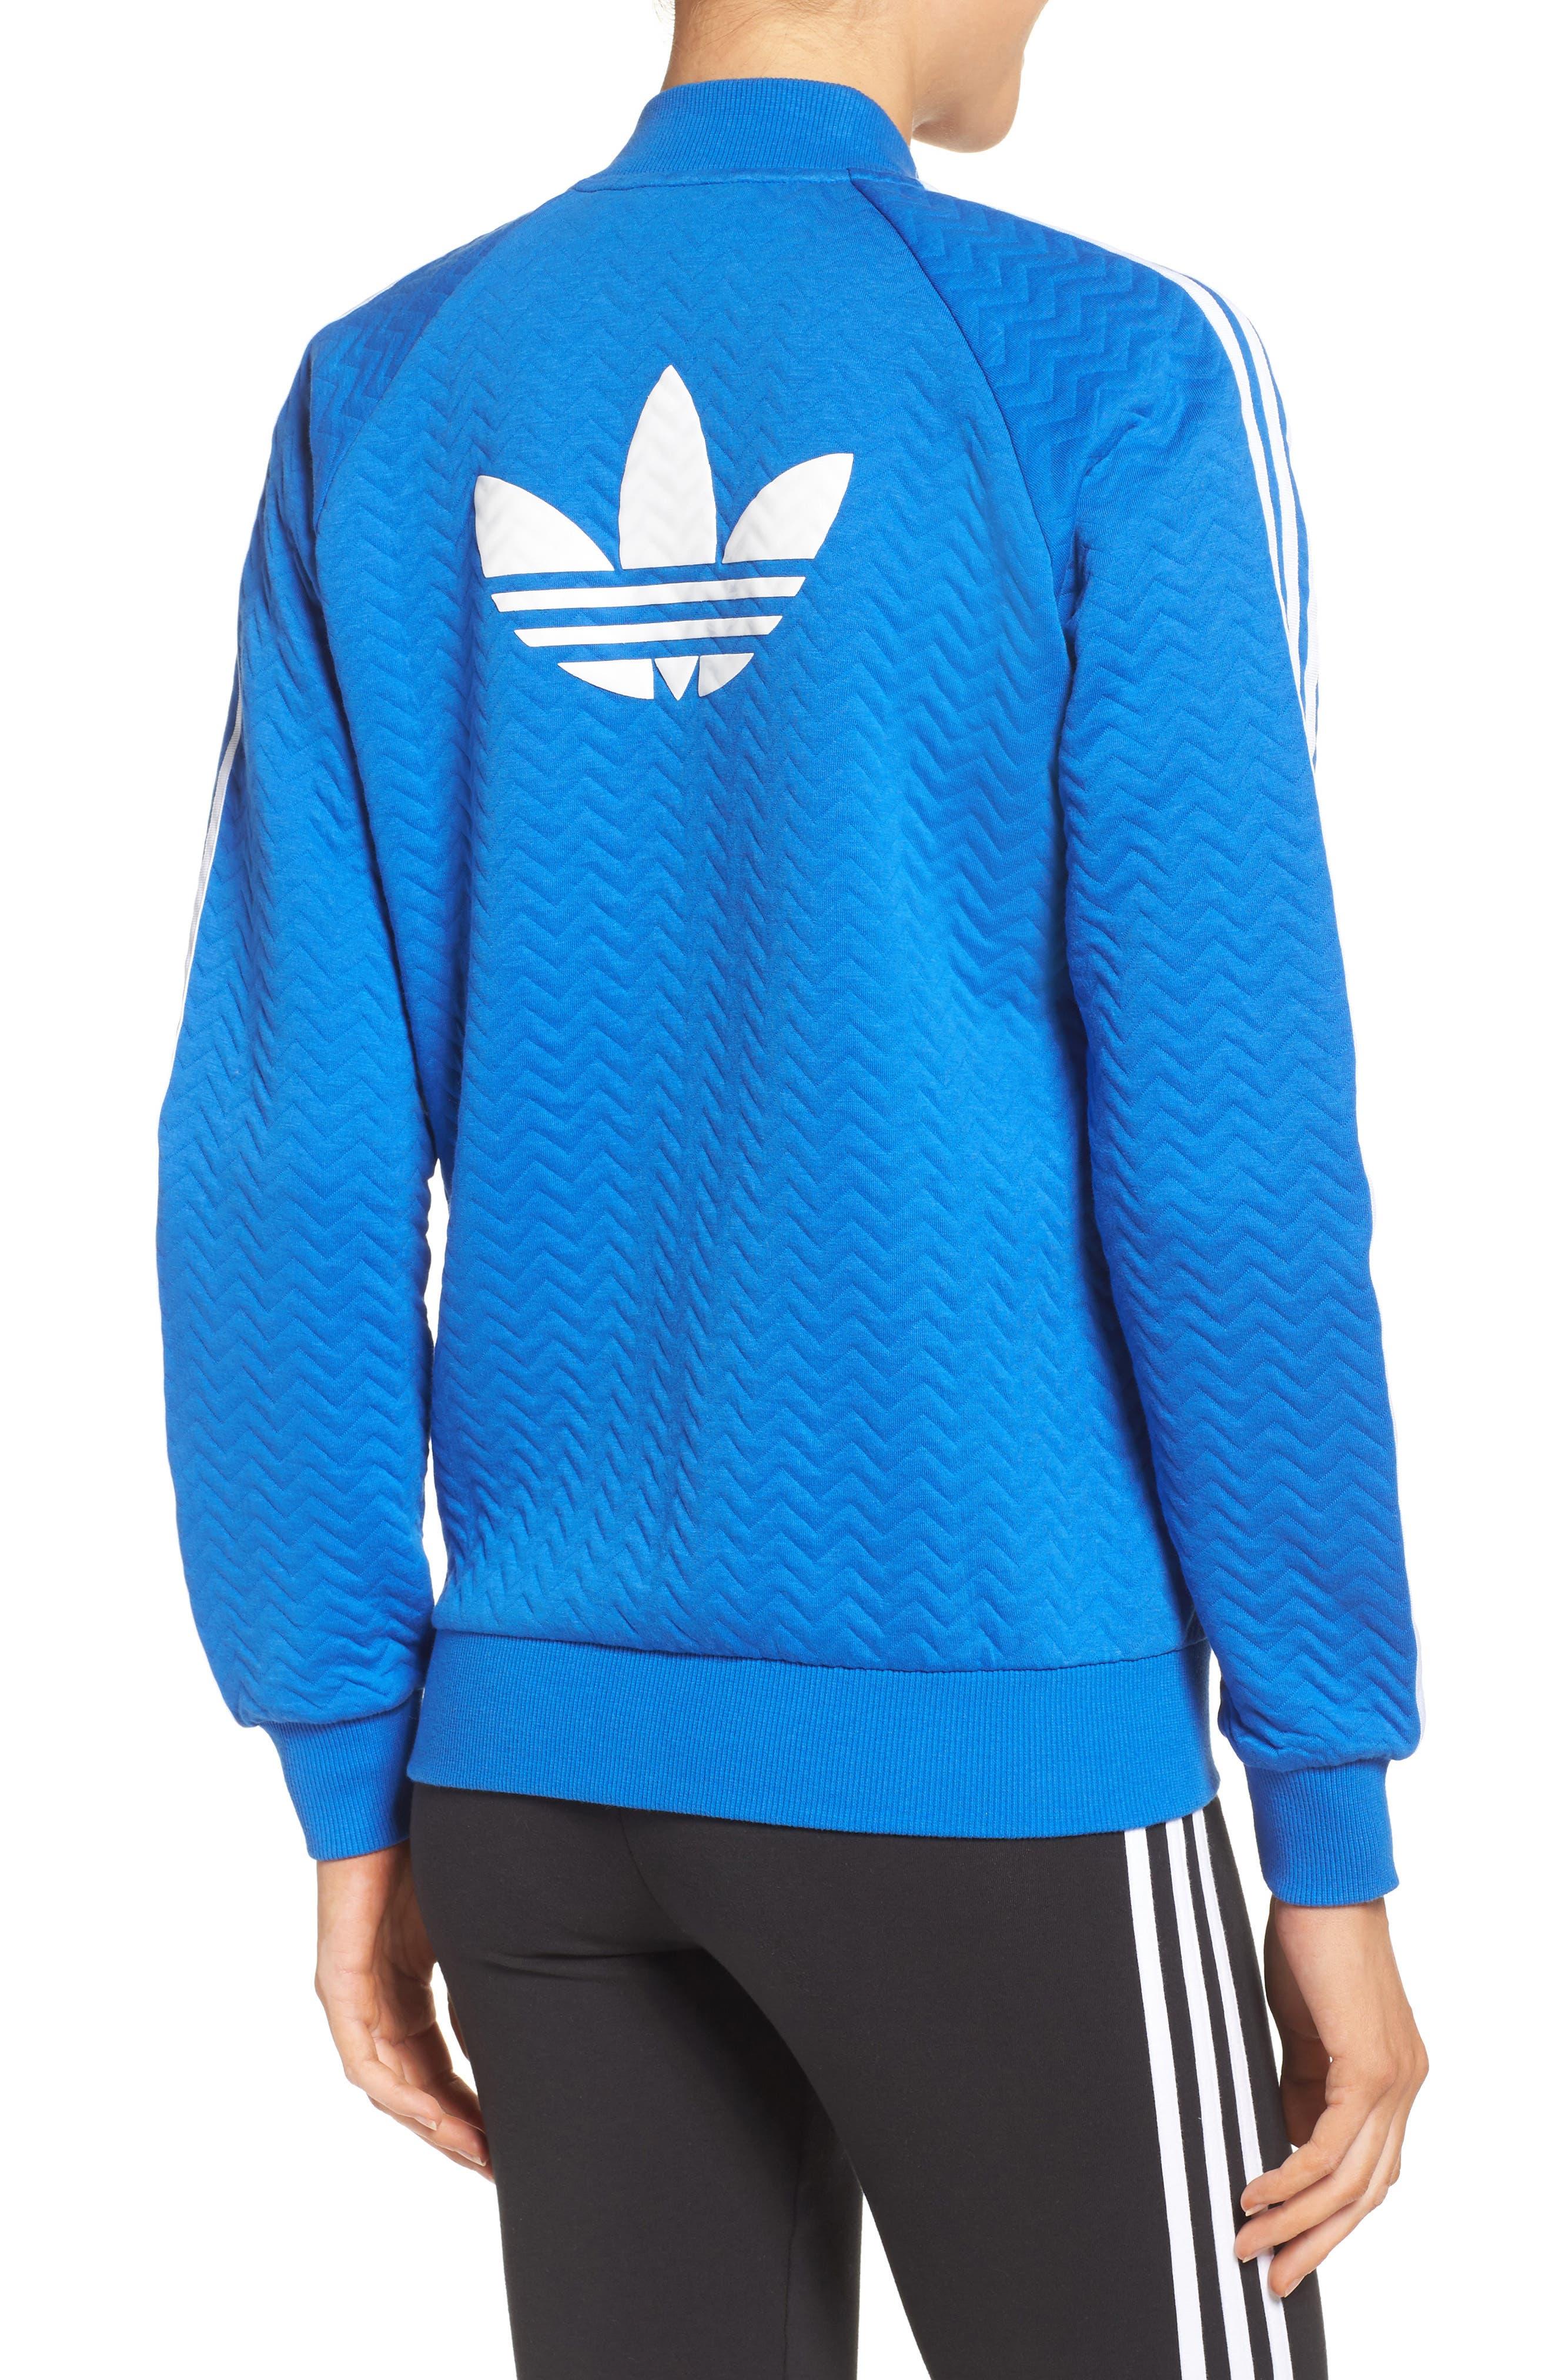 Alternate Image 2  - adidasOriginals 'Superstar' 3-Stripes Track Jacket